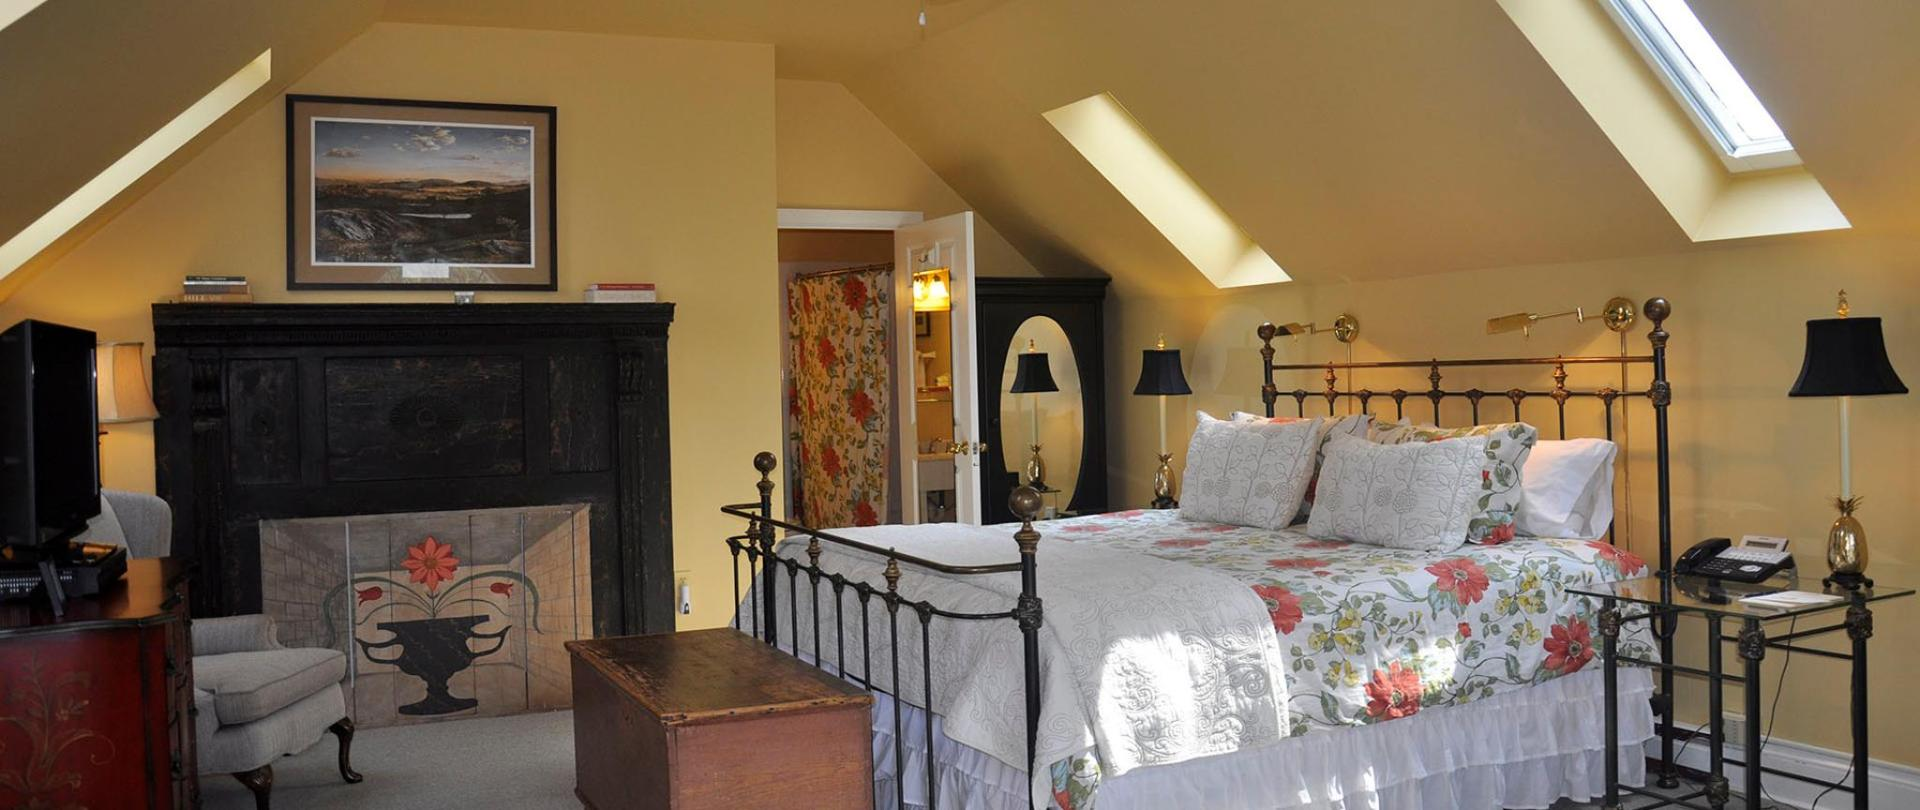 The Ashby Inn Fan Room Pic for Web.jpg